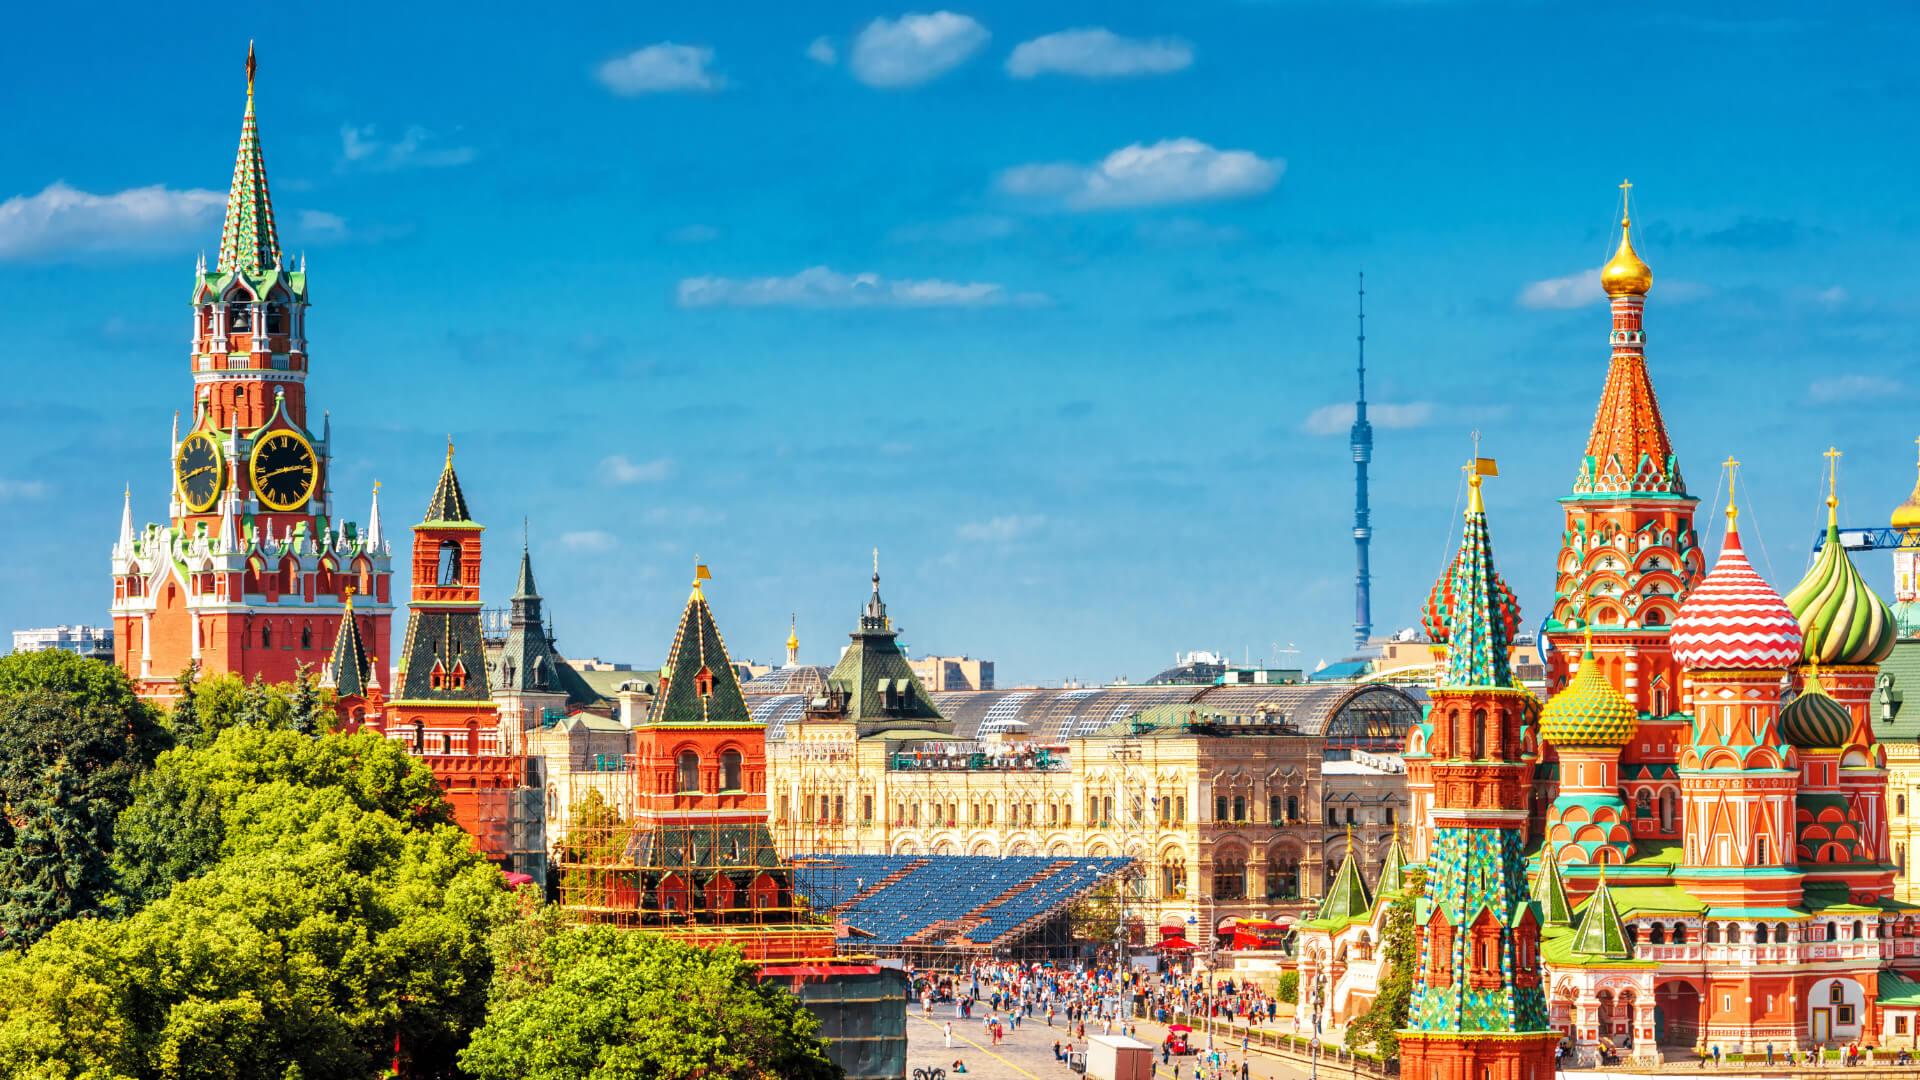 Görkemli Mimarî, Görkemli Tarih; Moskova